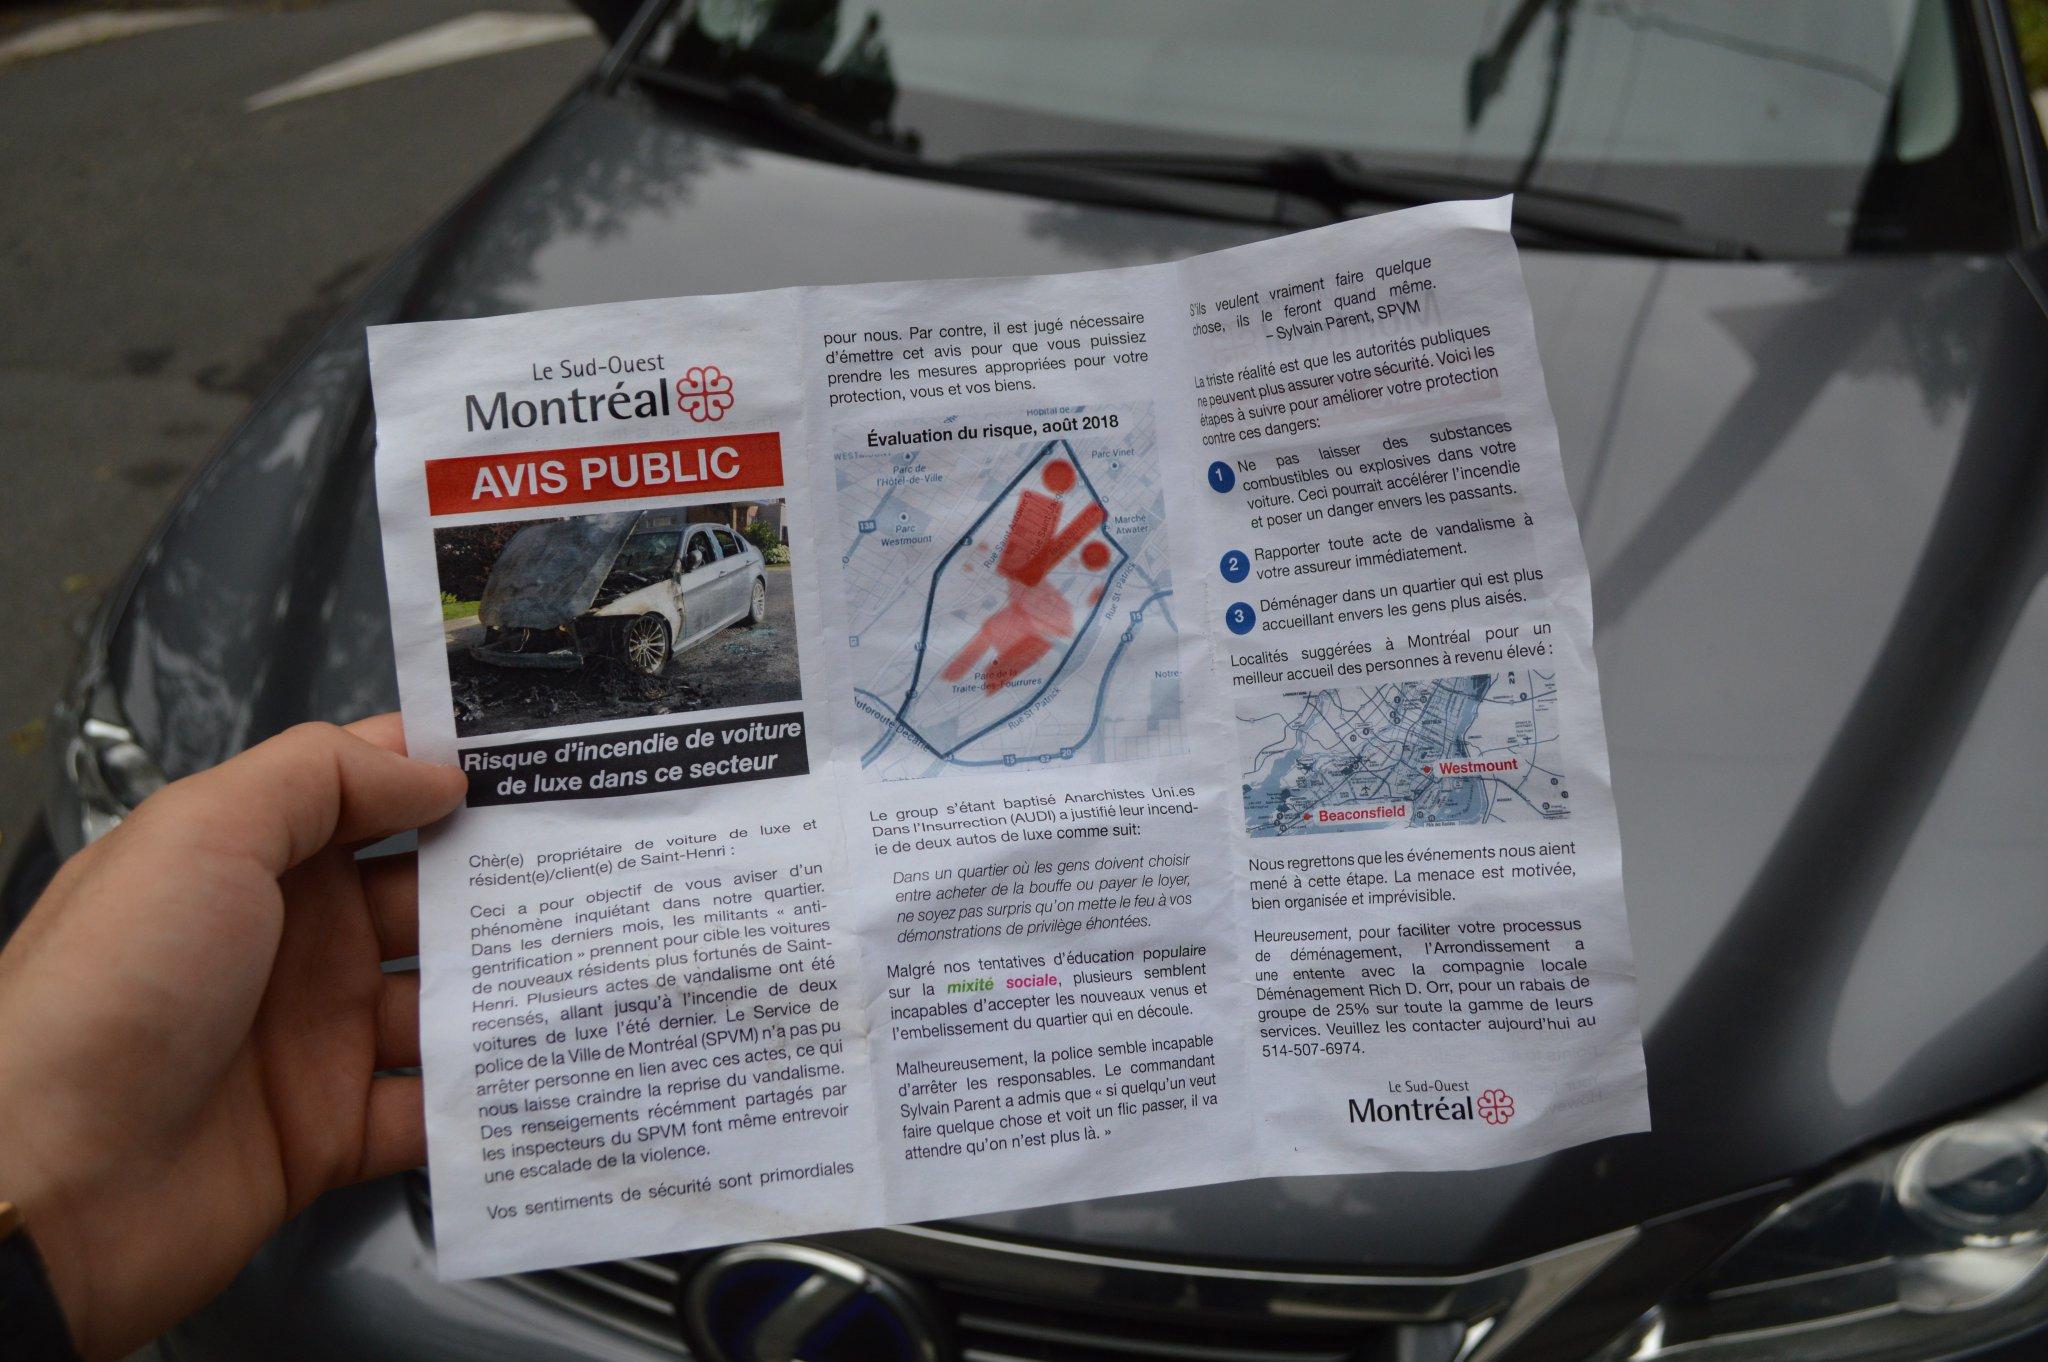 Avis public à Saint-Henri : risque d'incendie de voiture de luxe